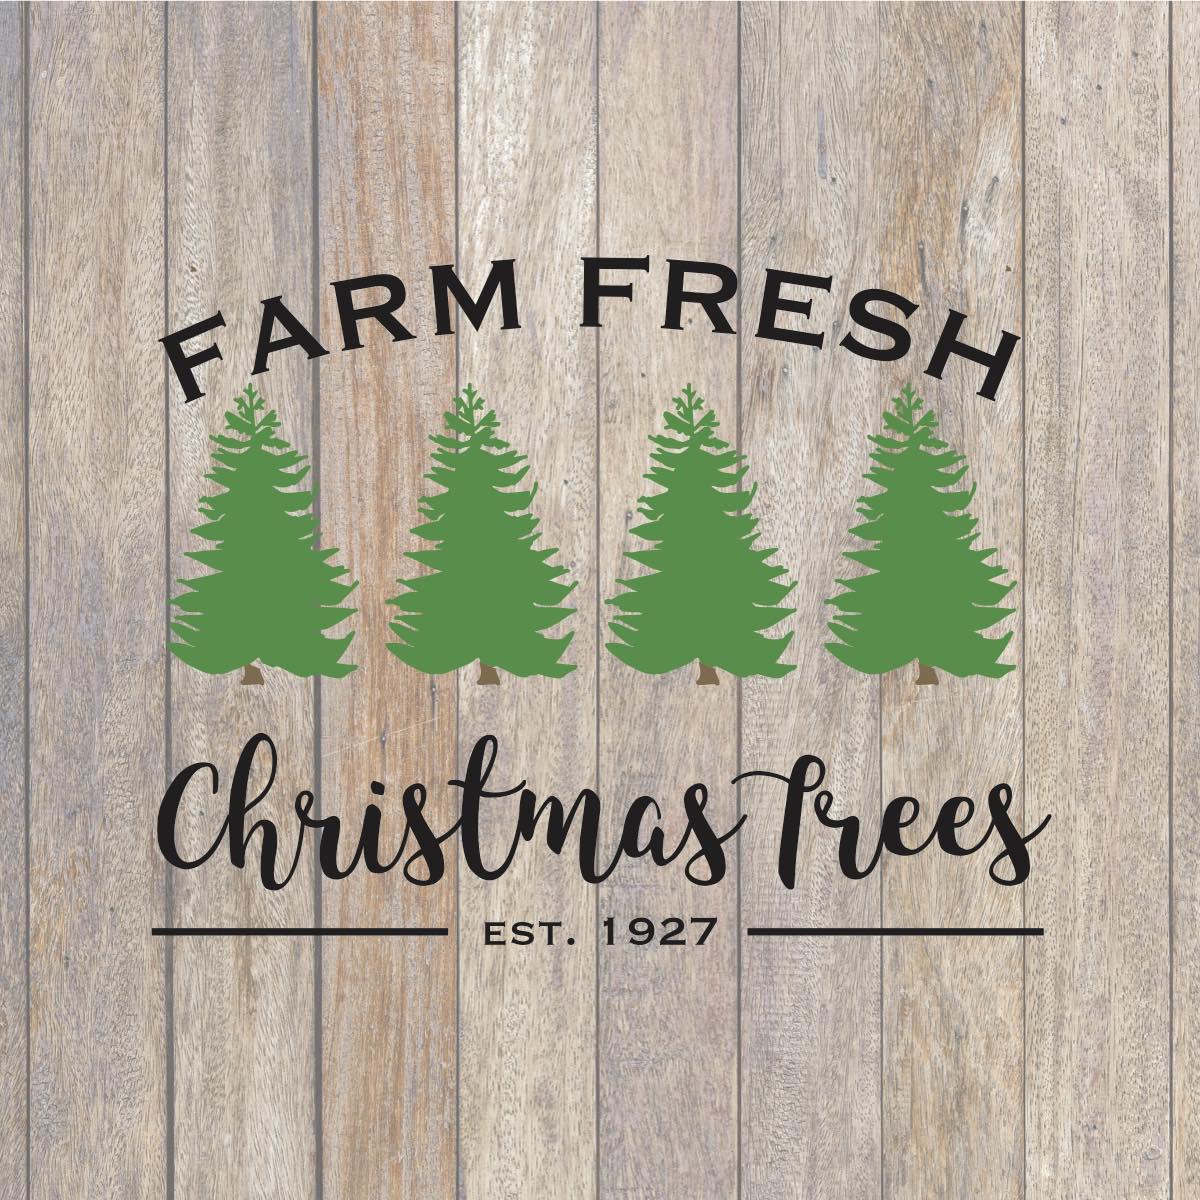 Farm Fresh Christmas Trees Svg.Farm Fresh Christmas Tree Svg Christmas Svg Holiday Svg